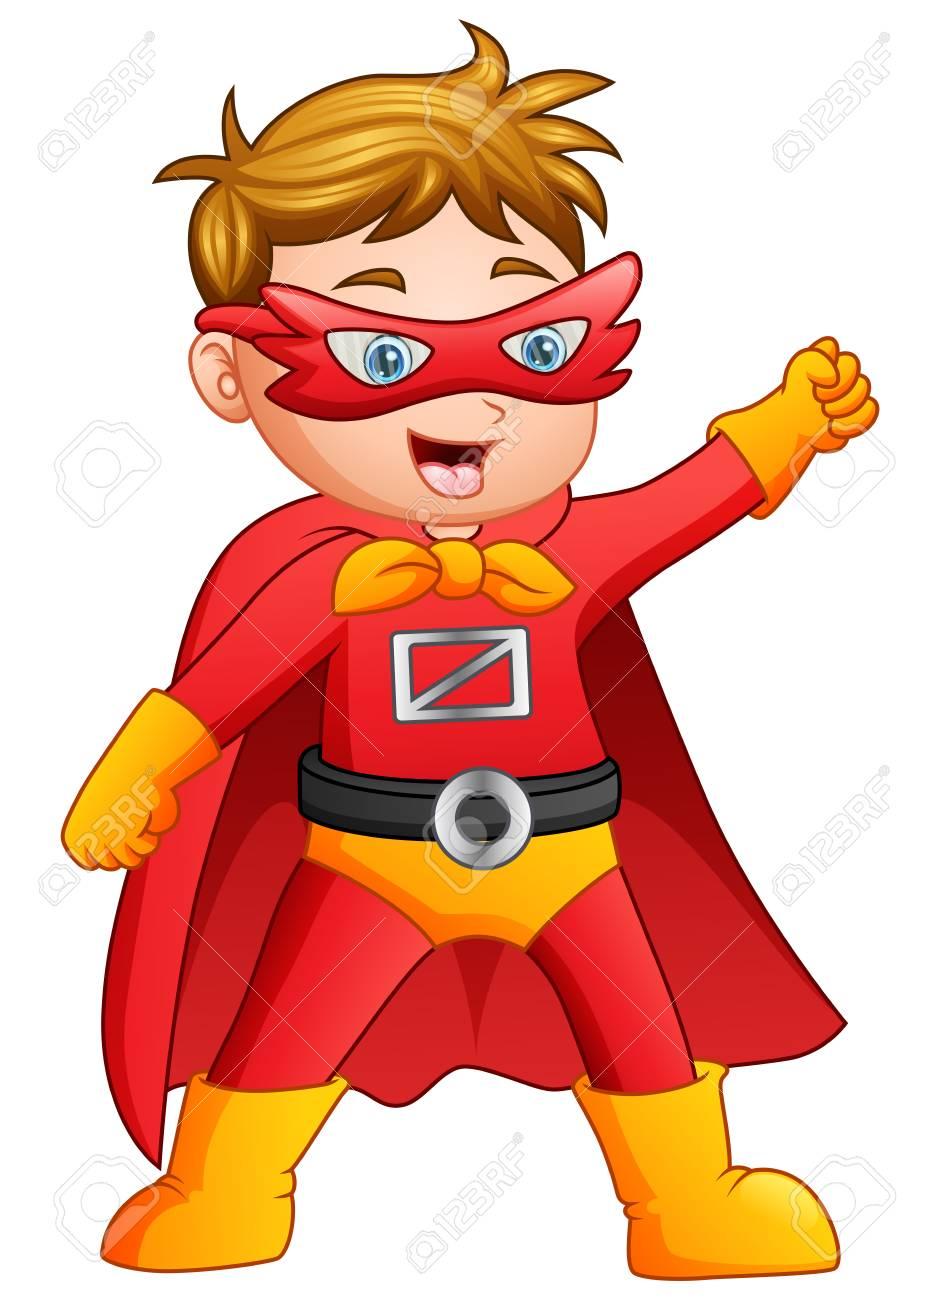 Ilustración Vectorial De Dibujos Animados Superhéroe Niño Posando ...